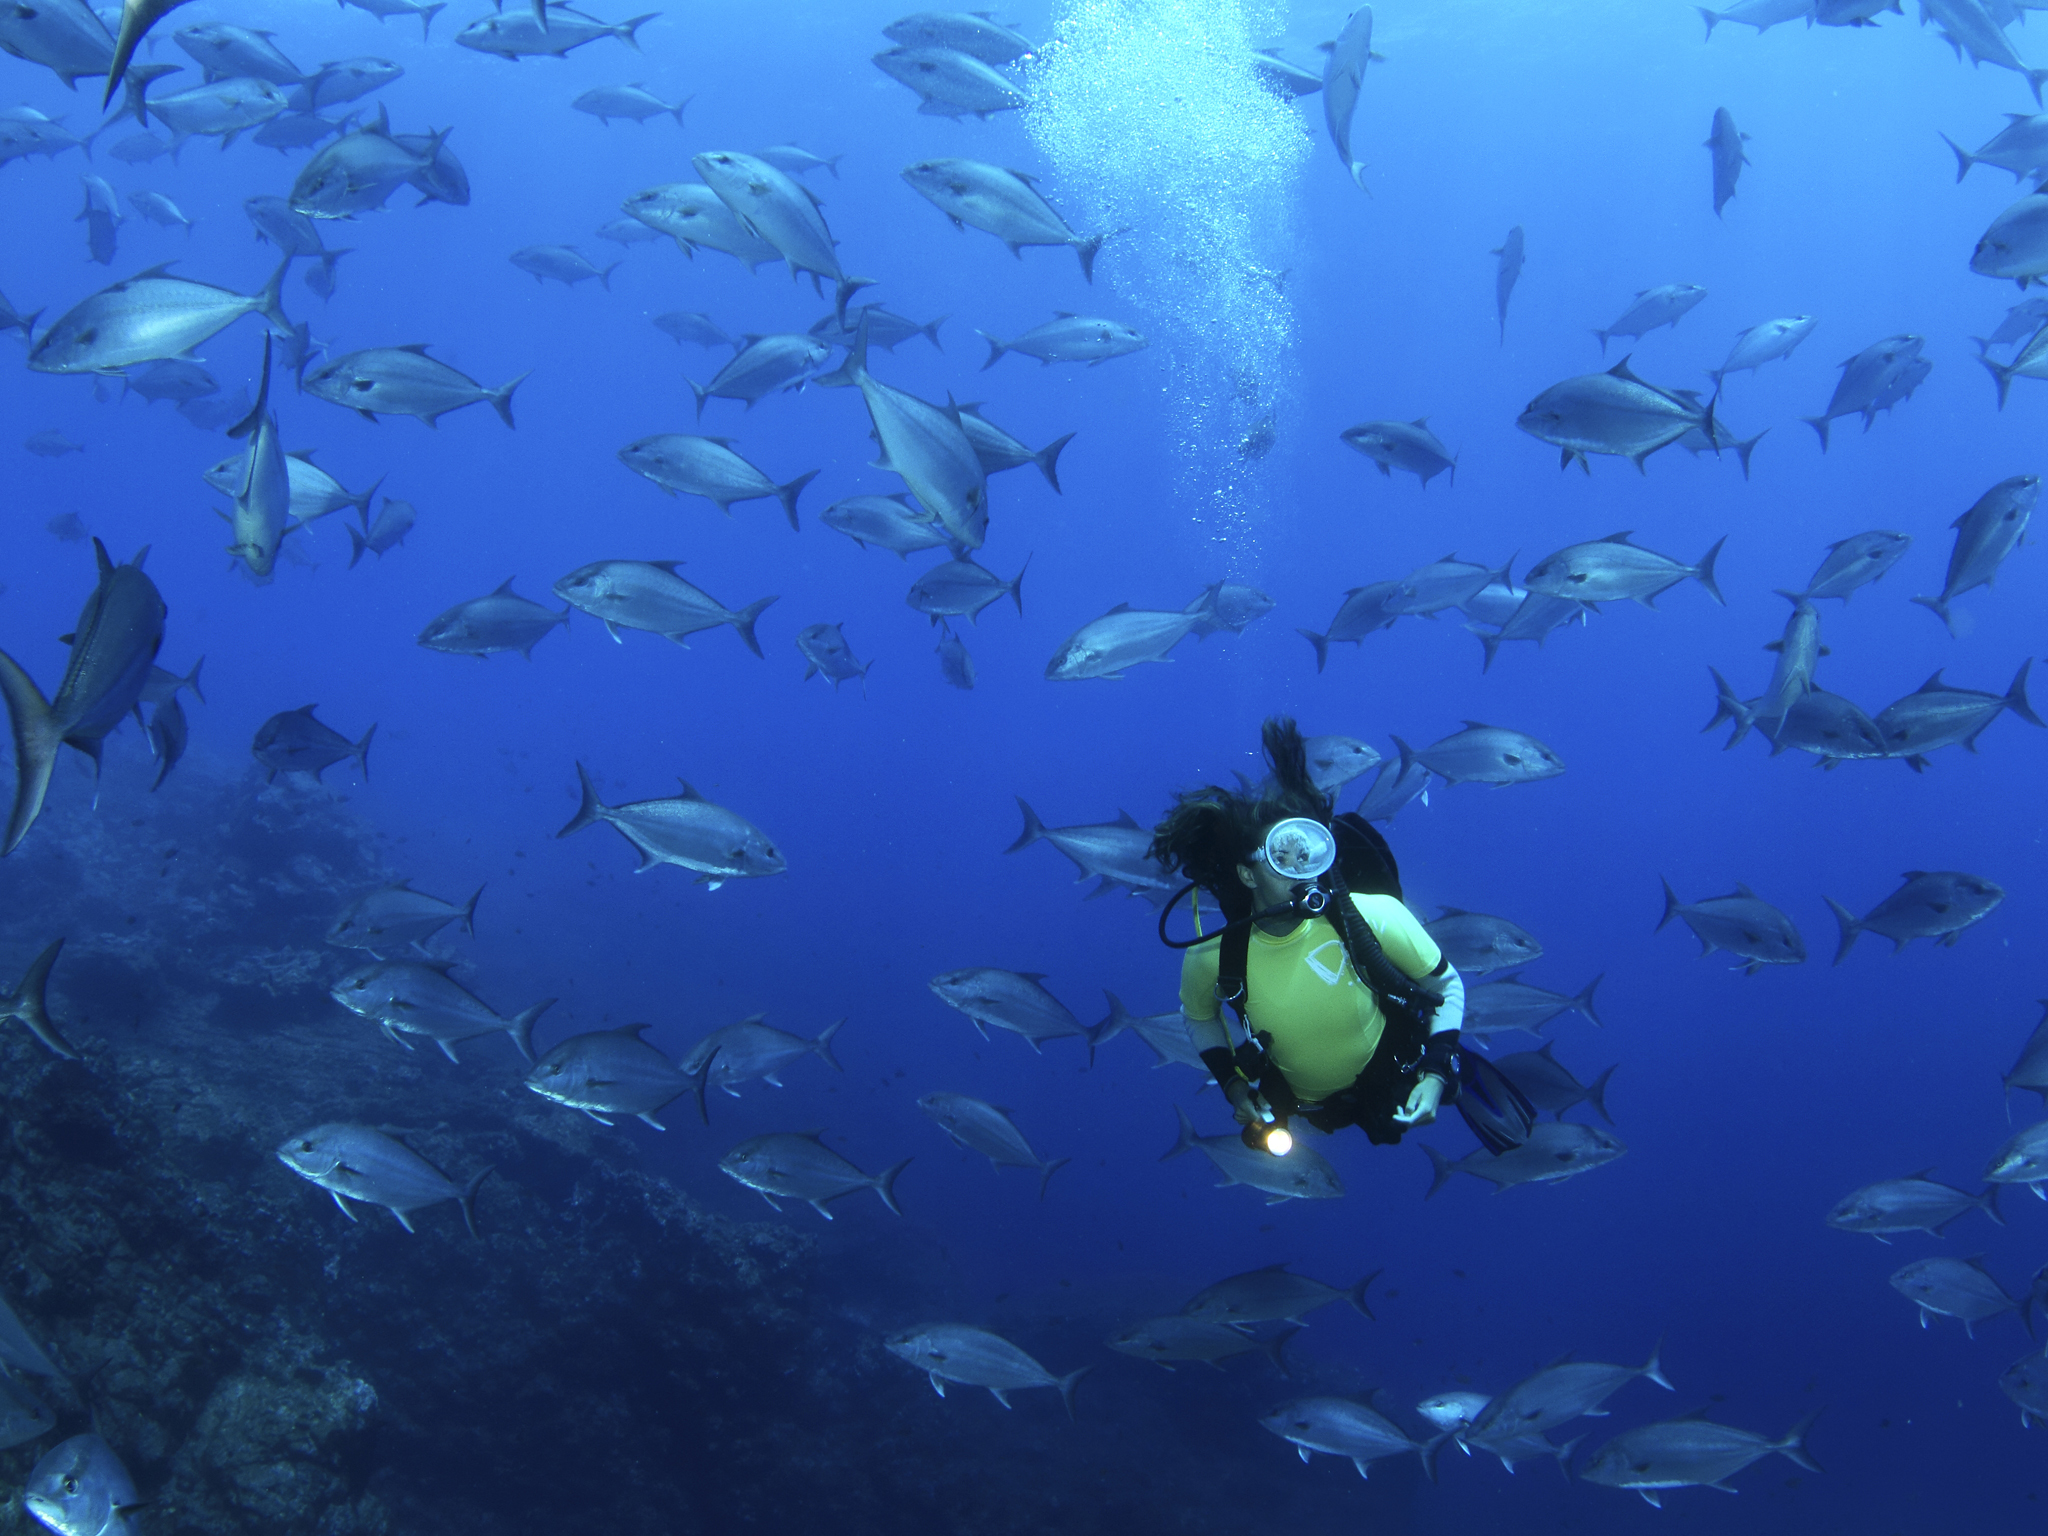 Nade ao lado de animais gigantes